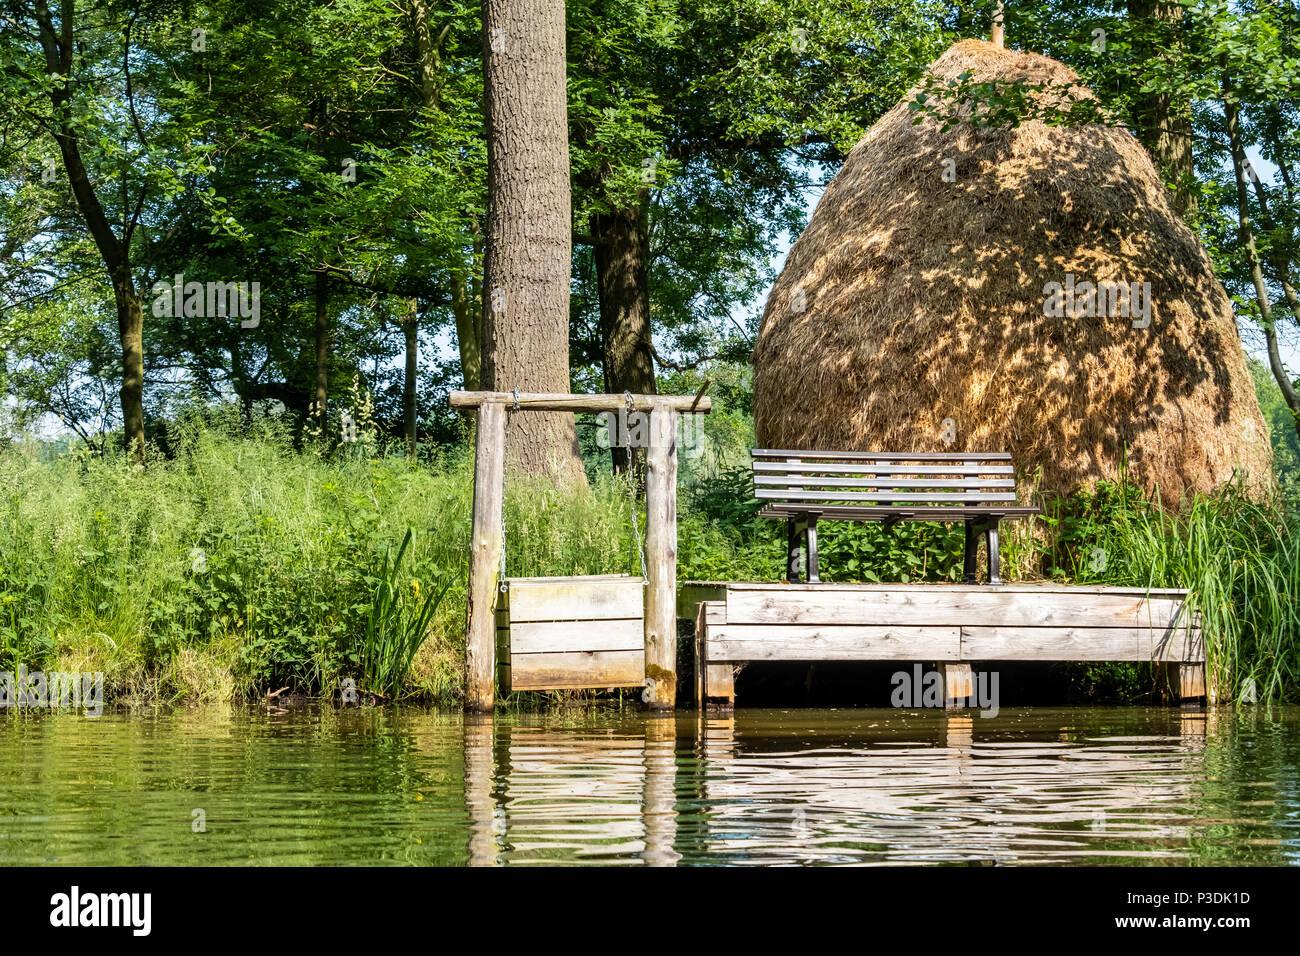 Spreewald Biosphärenreservat  traditioneller Heuschober - Stock Image